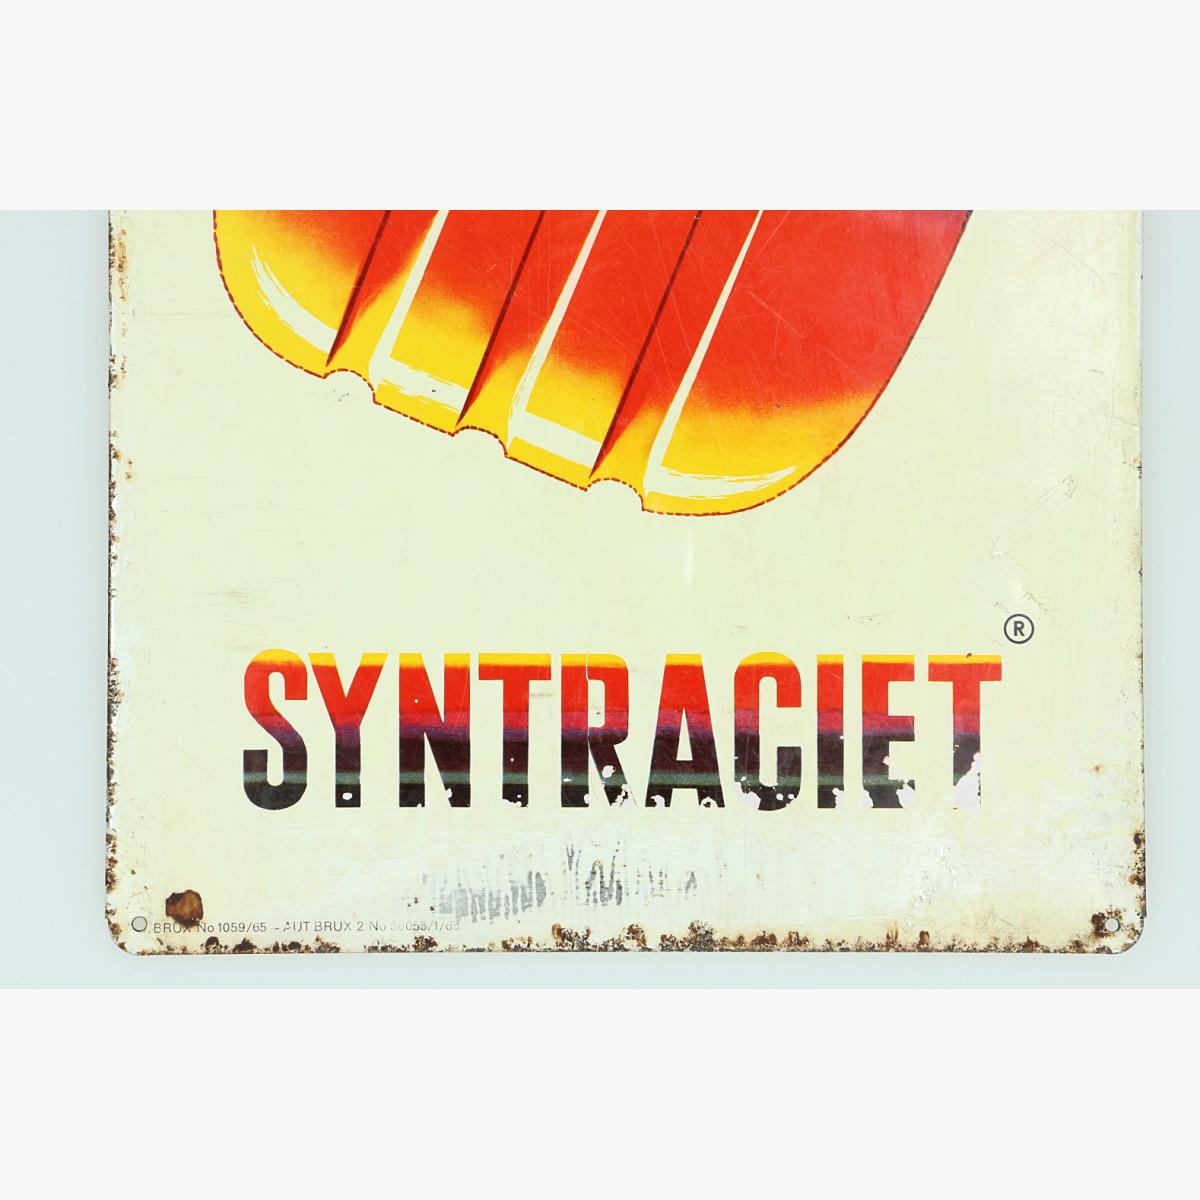 Afbeeldingen van blikken reclame bordje syntraciet 1965